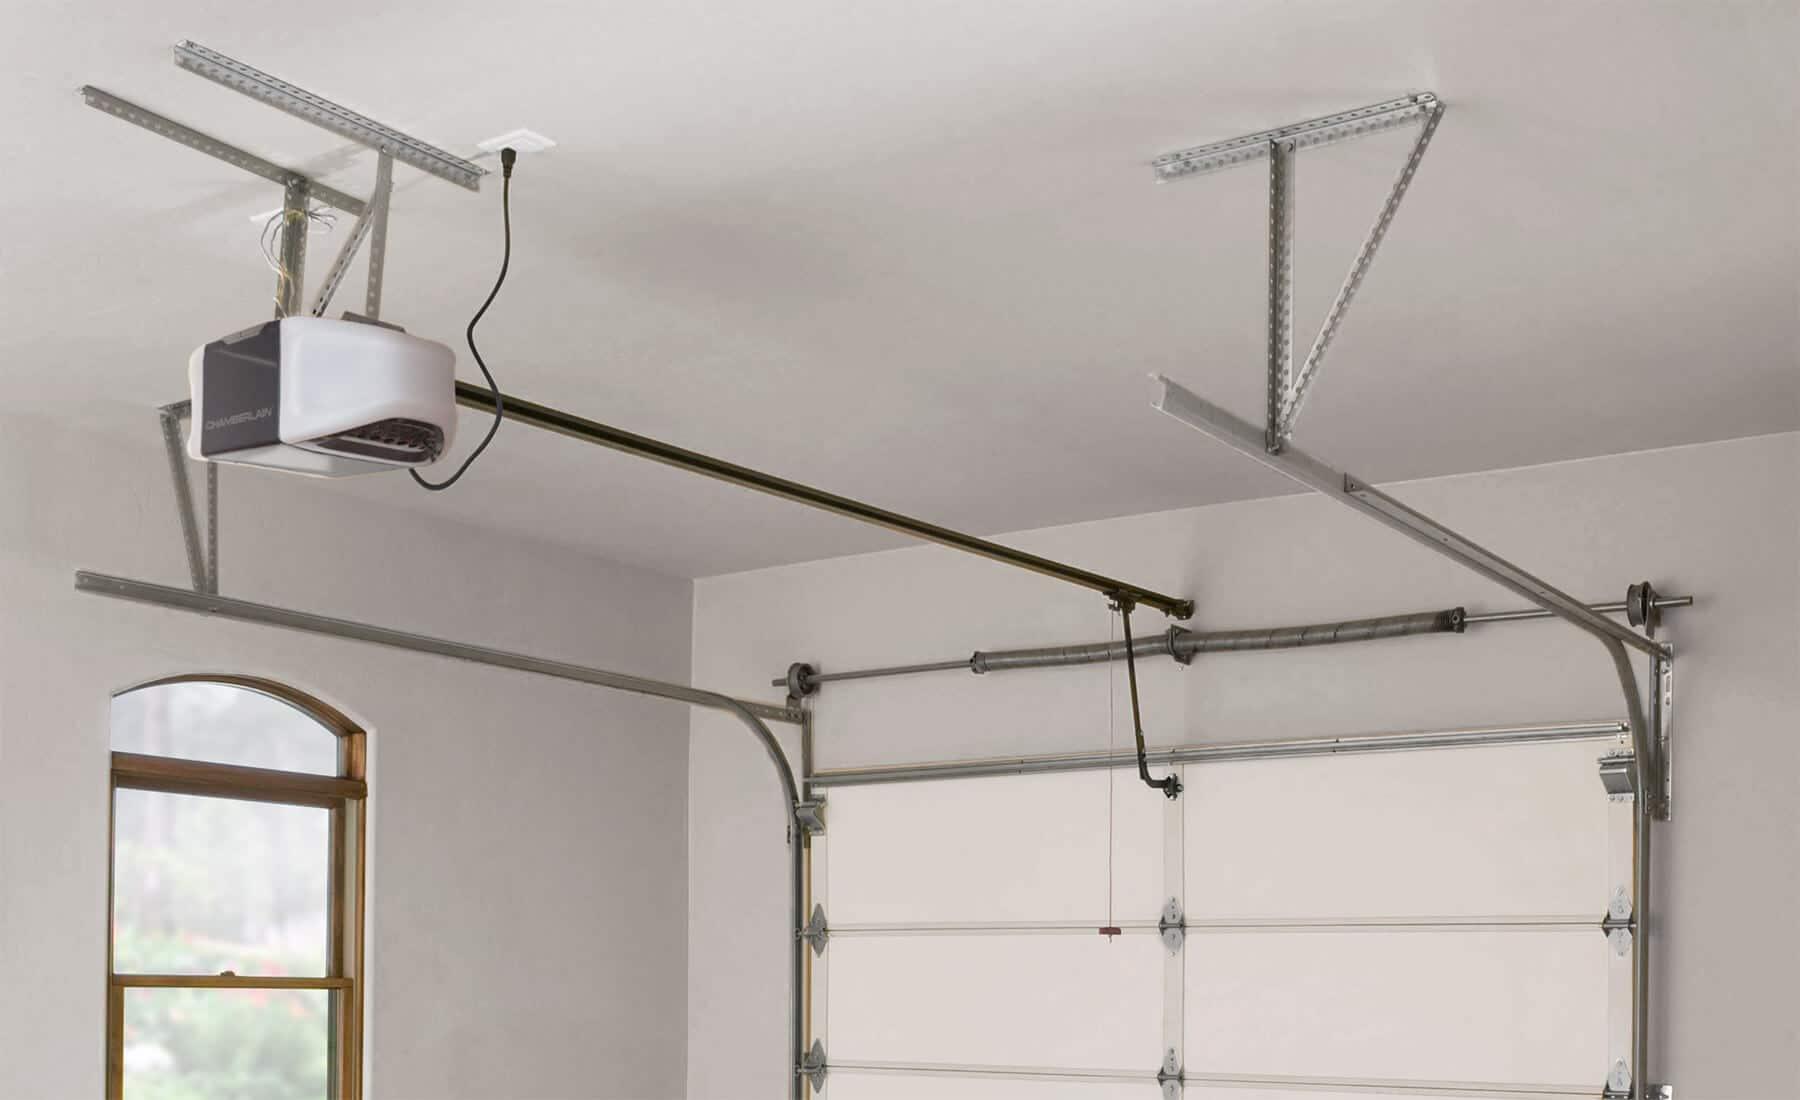 3 Reasons To Invest In Keyless Garage Door Opener Above The Rest